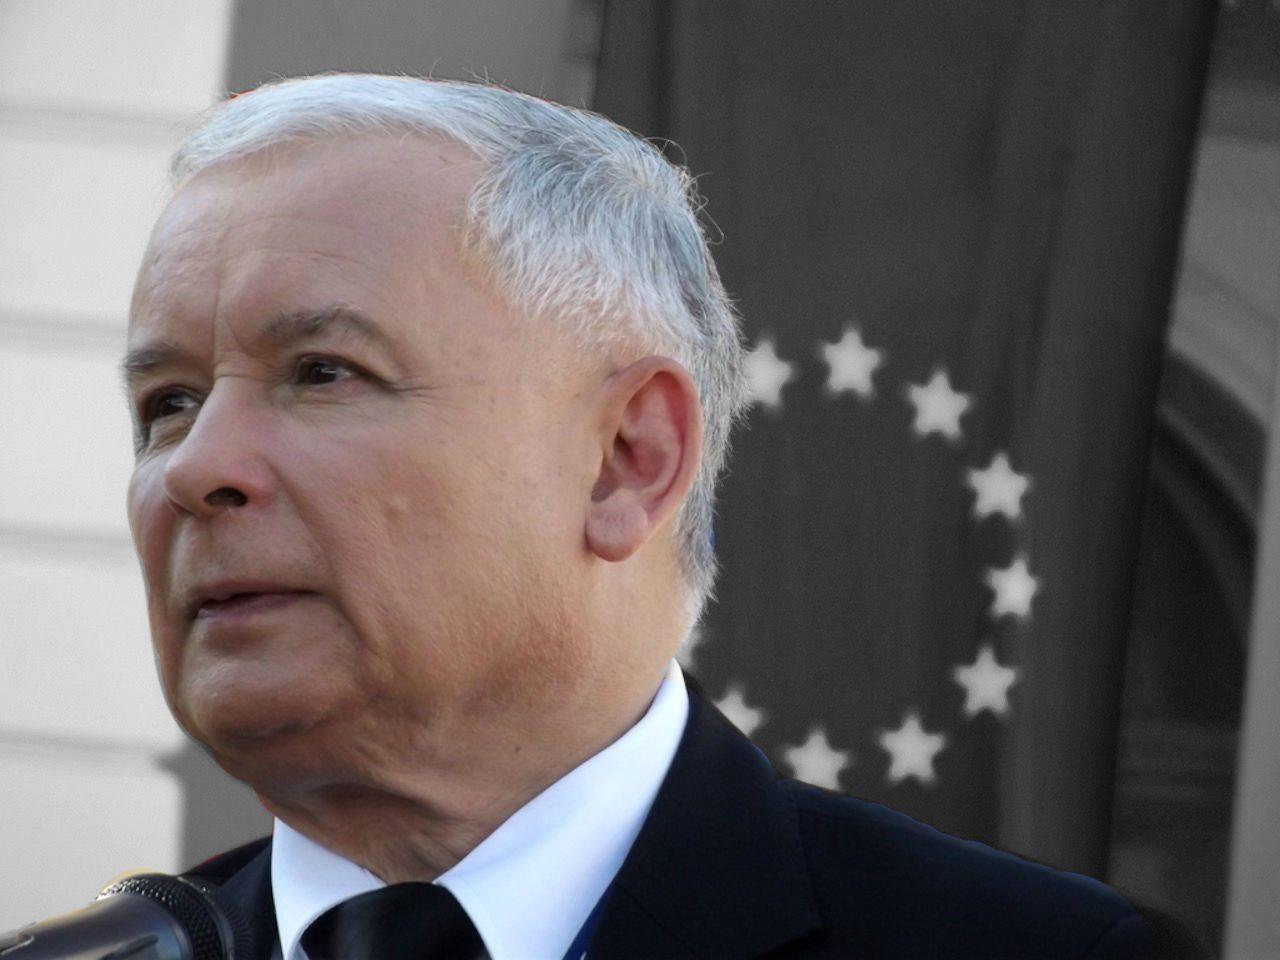 Europa w szoku. O tym co właśnie zrobił Kaczyński będzie mówił cały świat